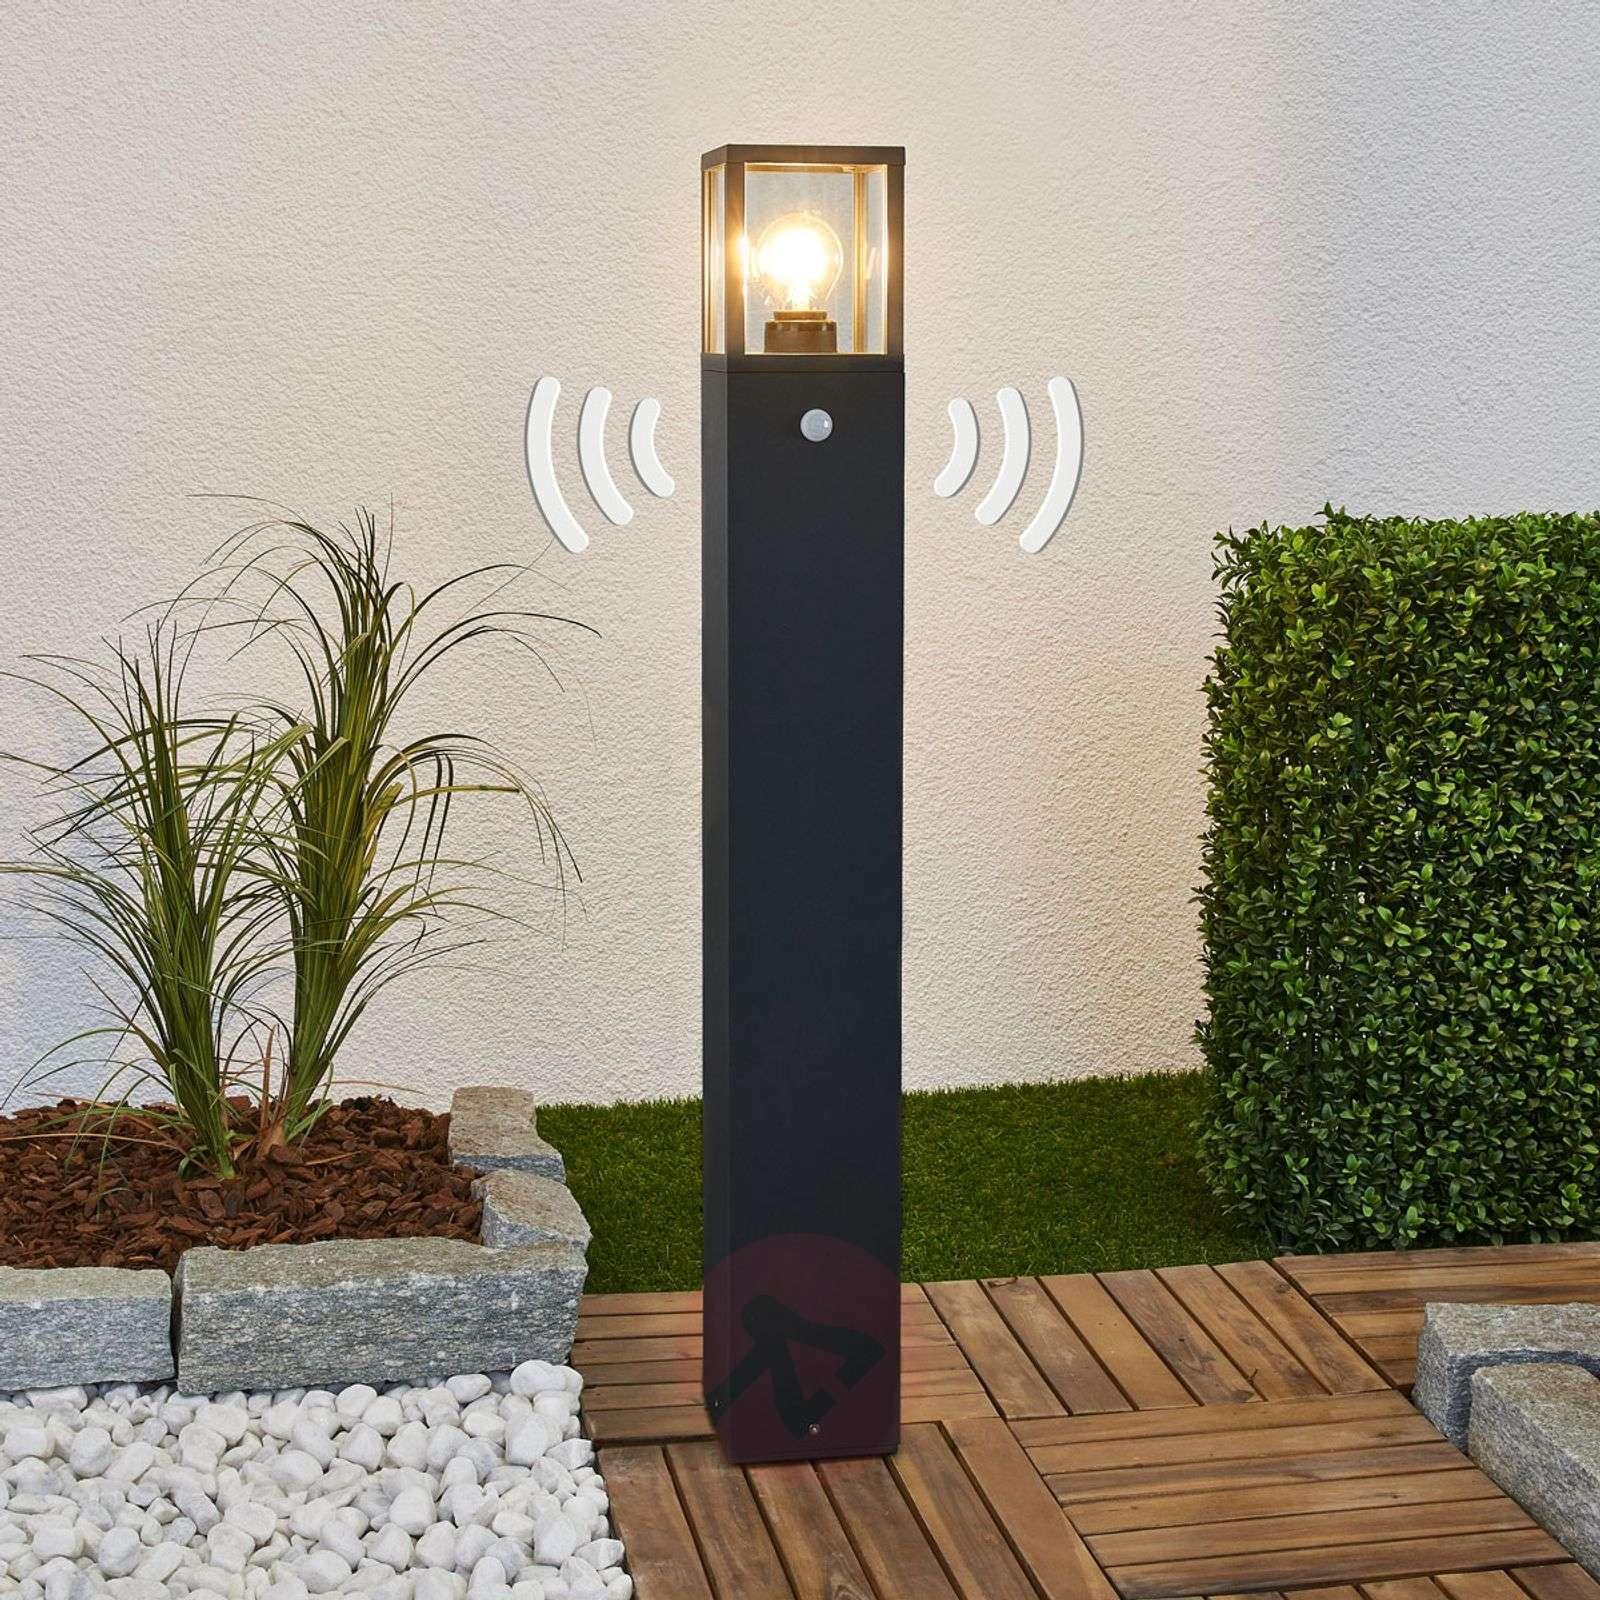 Sierstrip Chroom Badkamer : Klemens motion sensor path light angular shape lights.ie